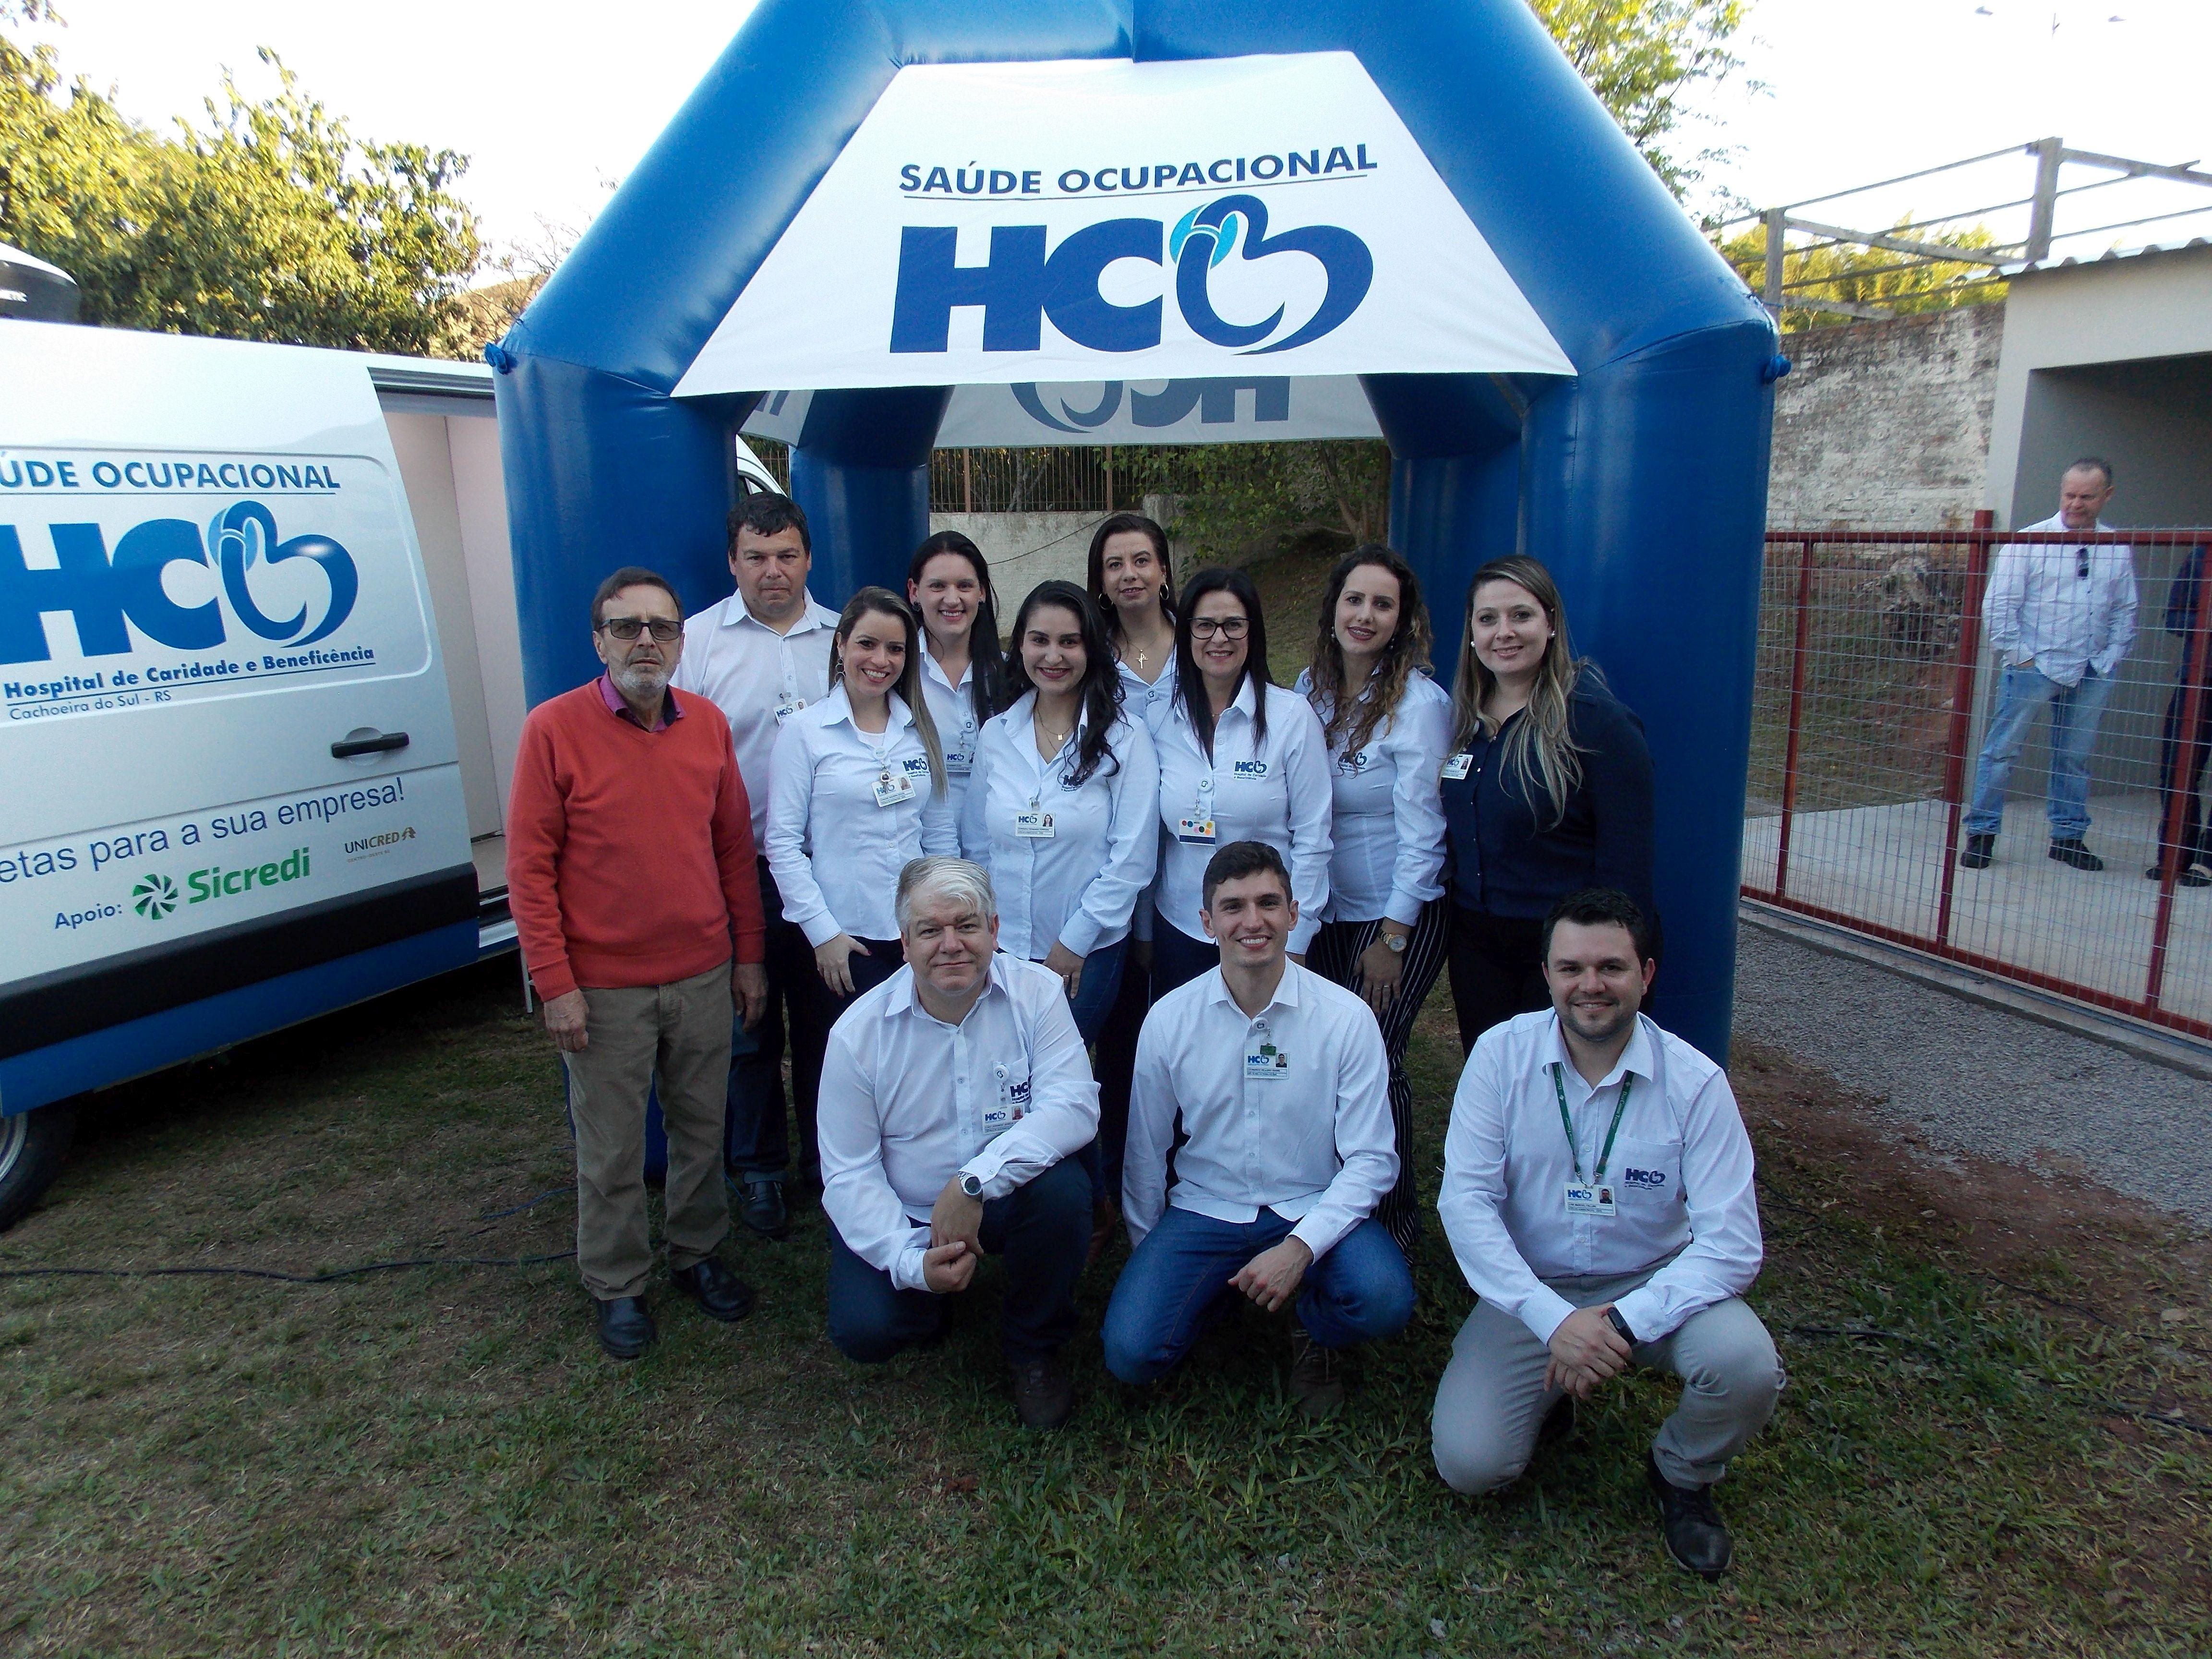 HCB Saúde Ocupacional oferece serviços completos para empresas de Cachoeira do Sul